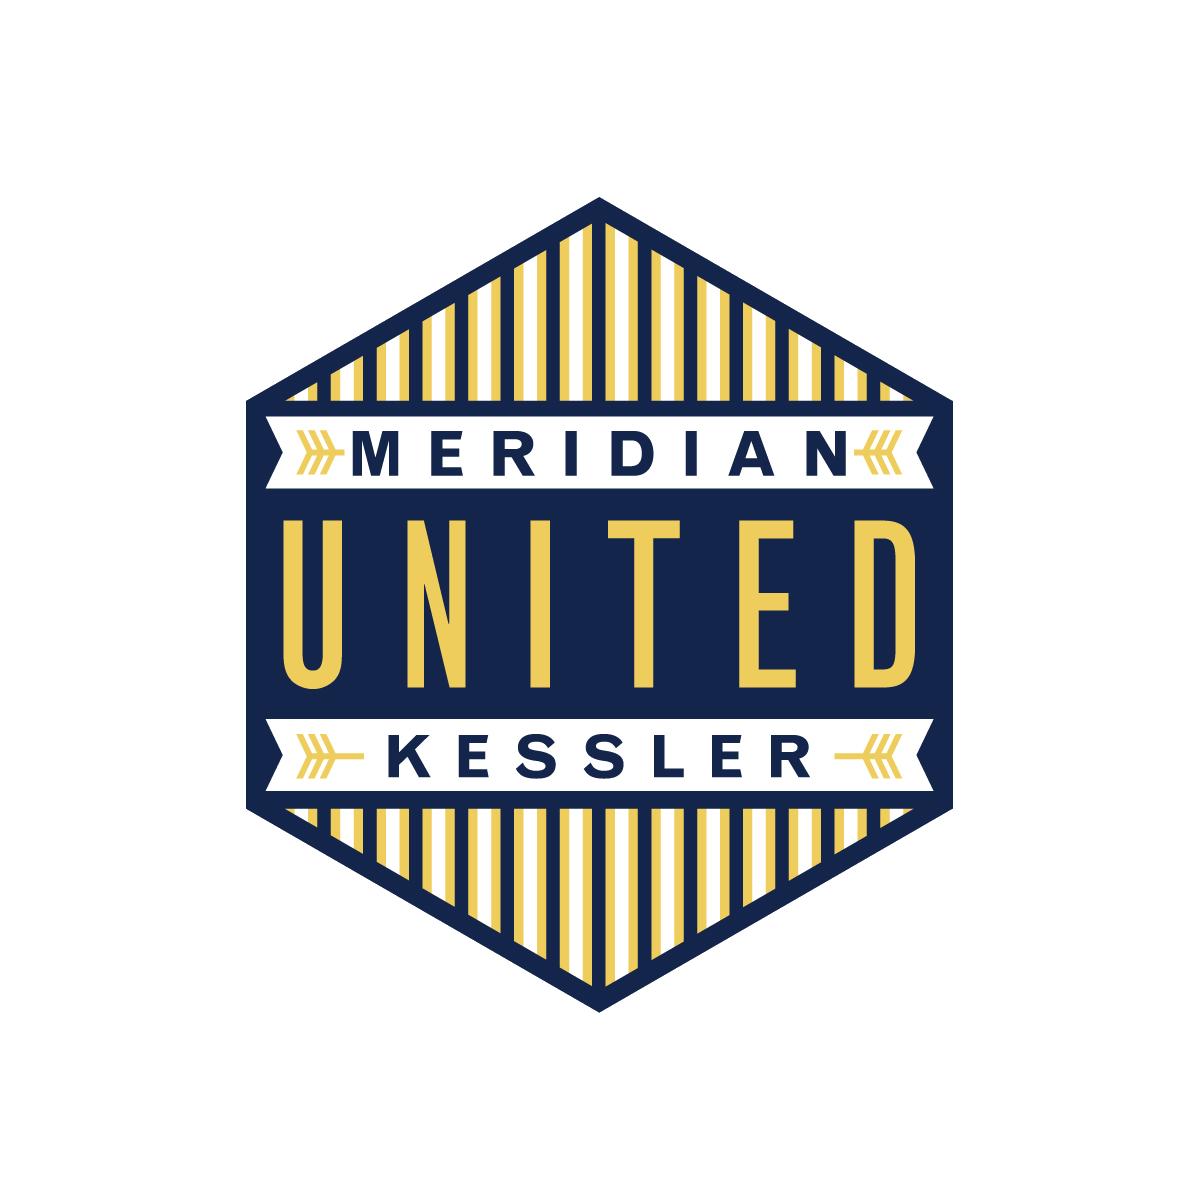 MeridianKessler_nobkg.png